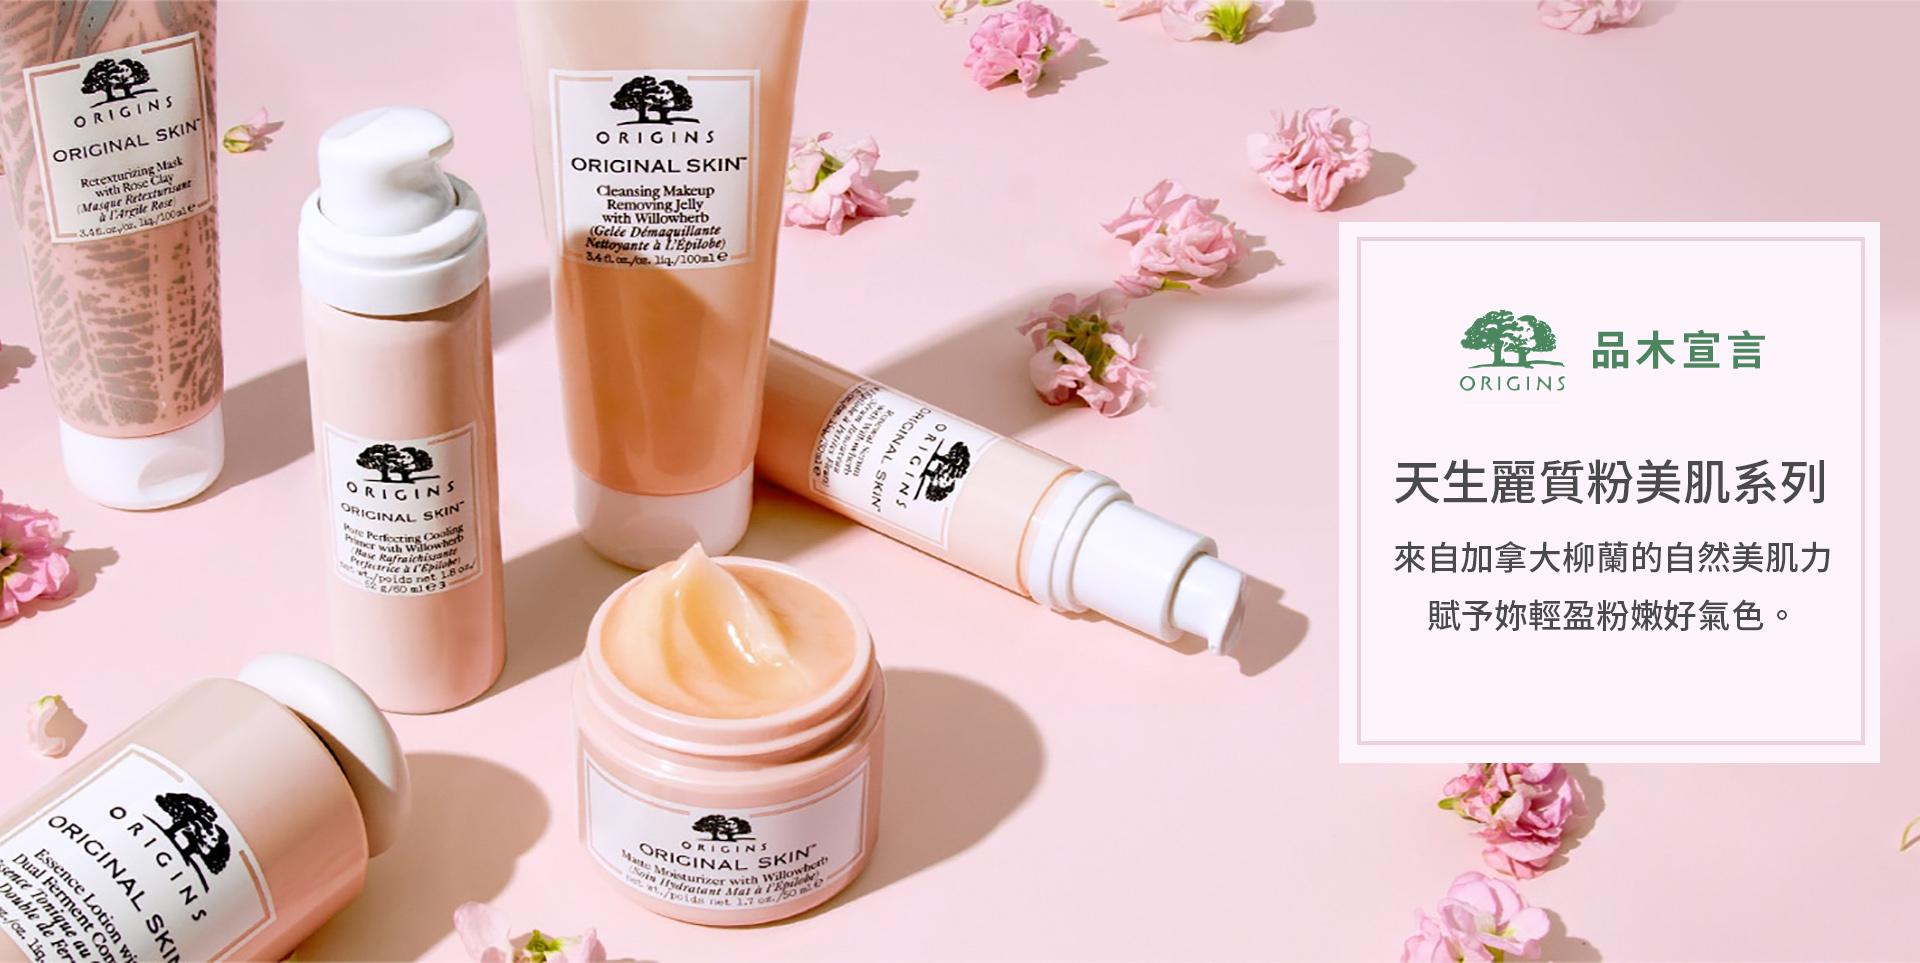 品木宣言 天生麗質粉美肌系列